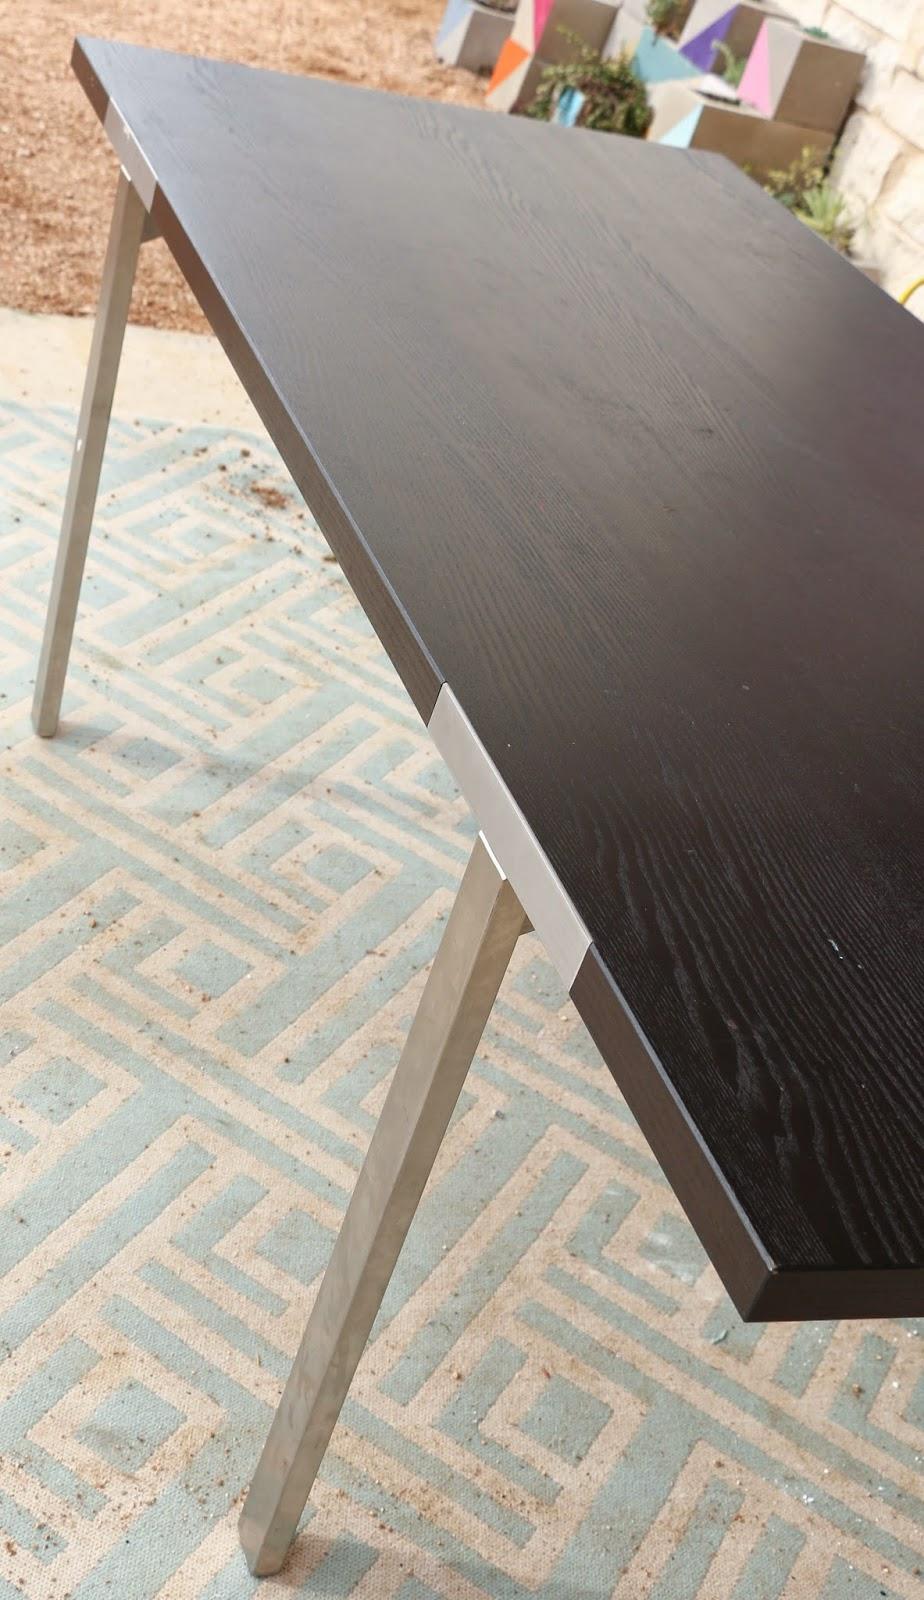 Diy Mid Century Modern Dining Table A Kailo Chic Life A 60 Mid Century Modern Ikea Dining Table Hack